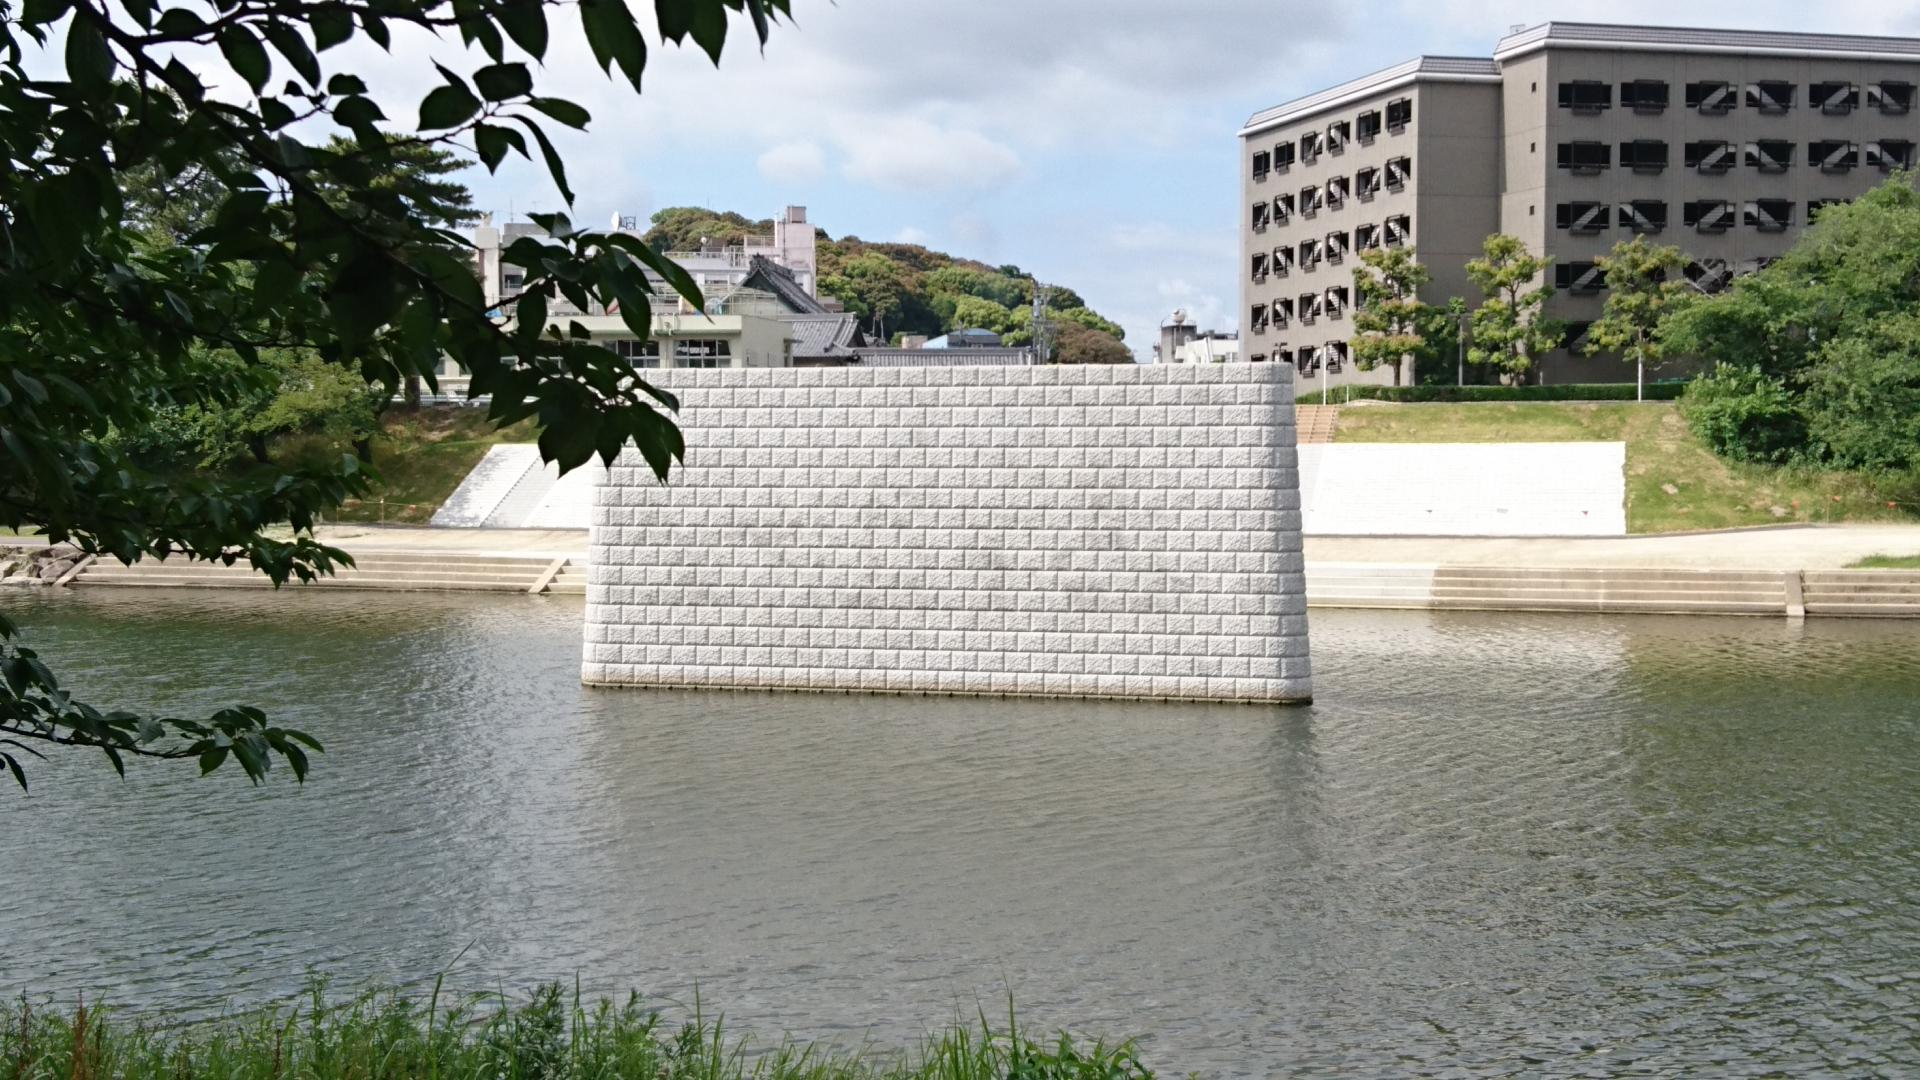 2017.6.6 乙川人道橋の橋脚 (3)